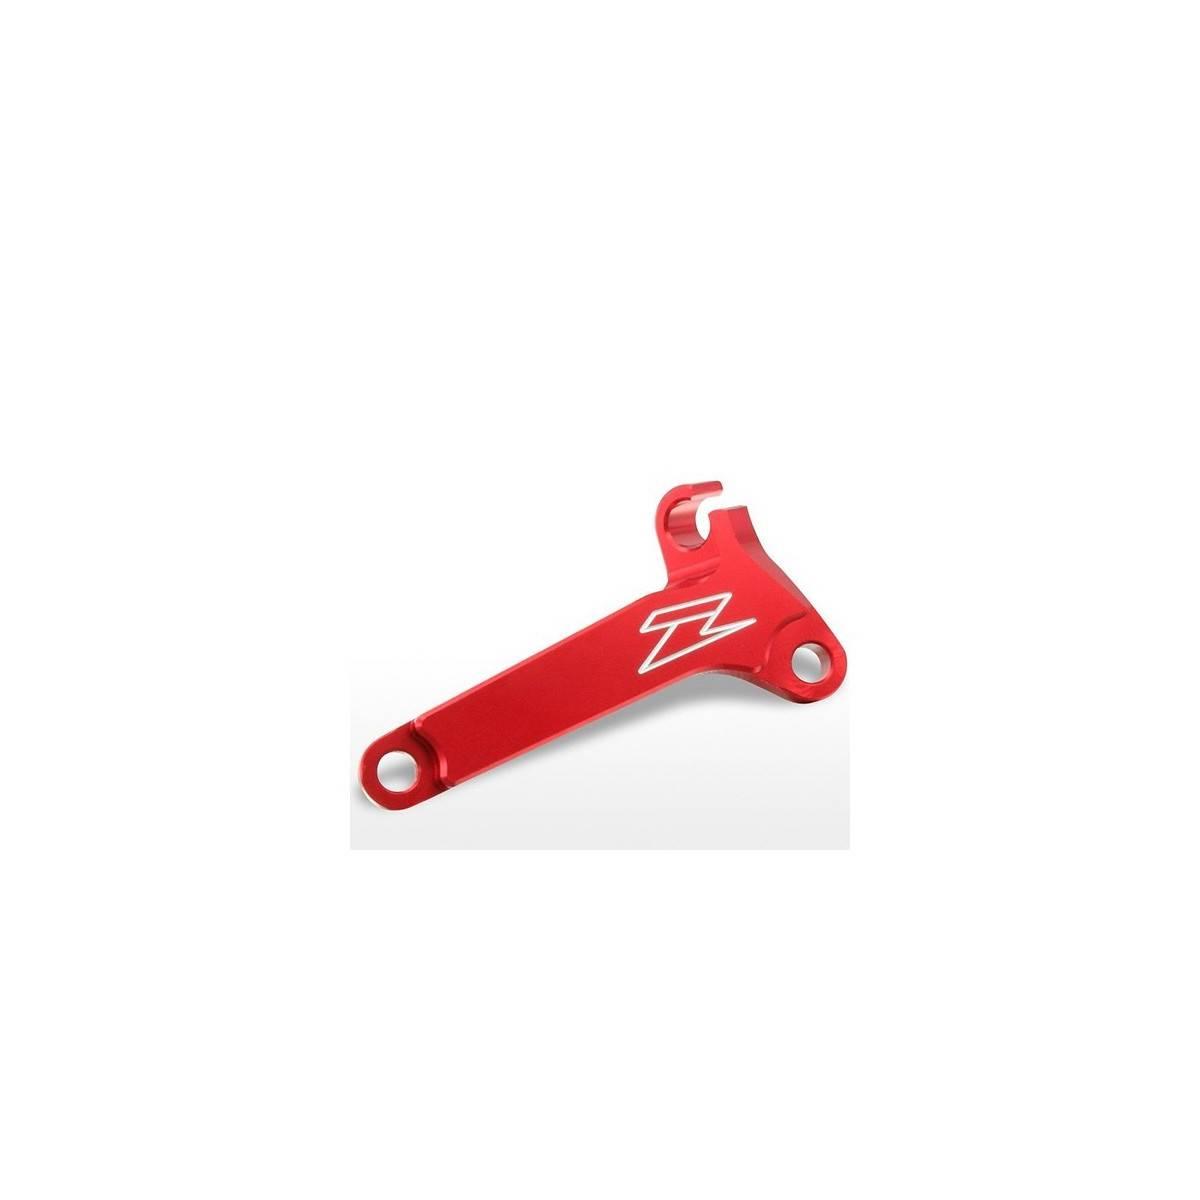 ZE94.0181 - Leva Cable Embrague Zeta Crf250L M ´12- Rojo